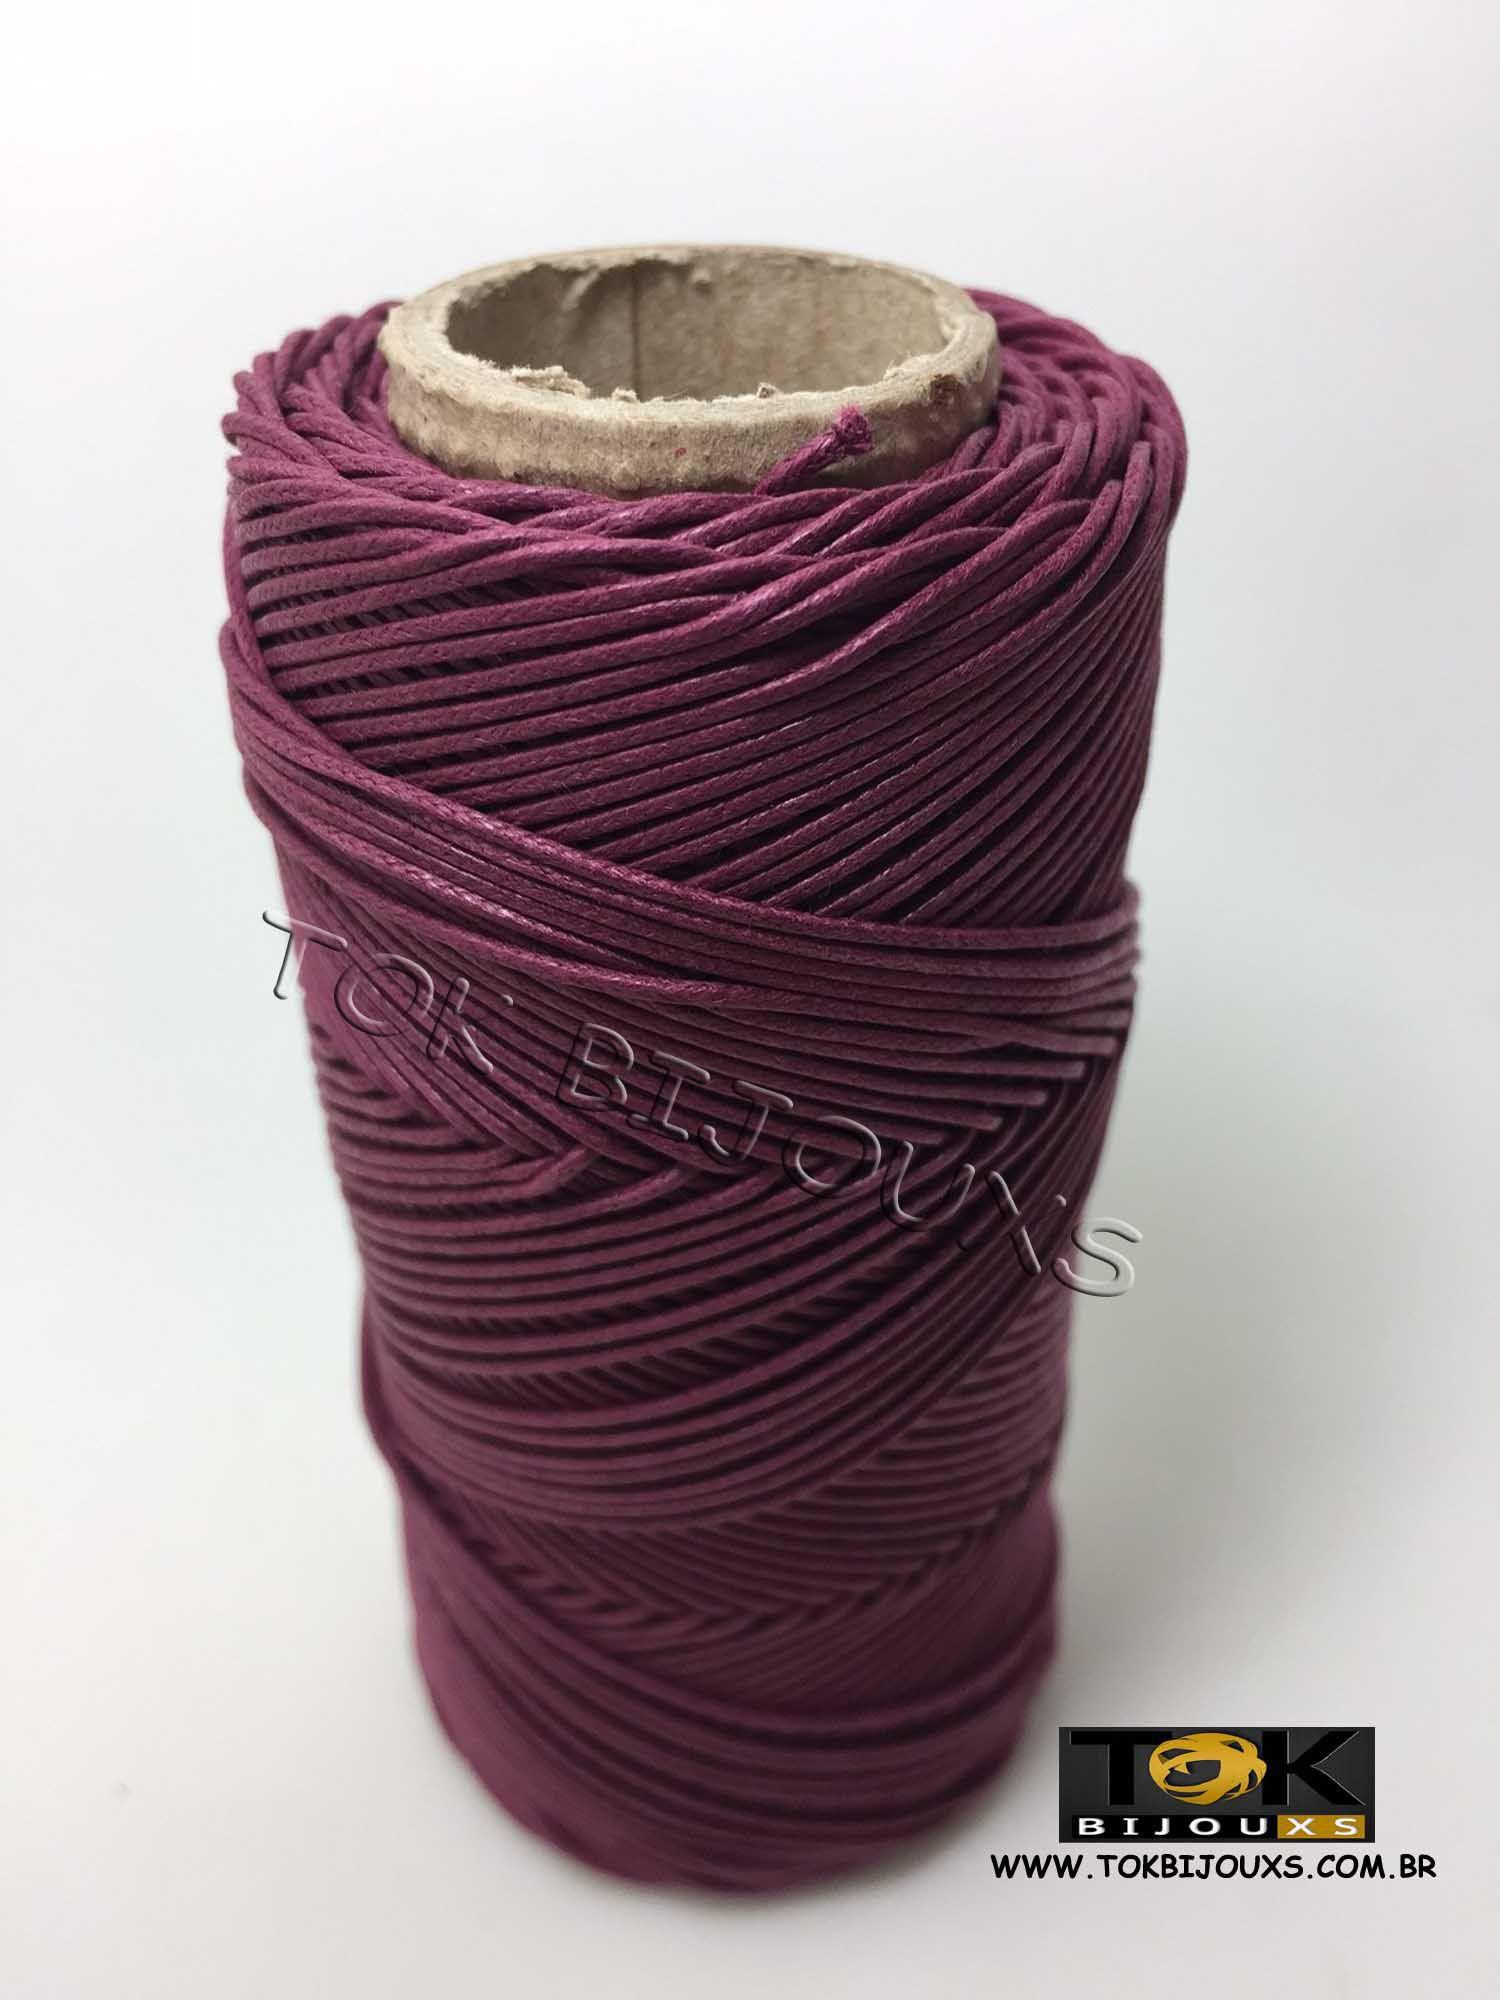 Cordão Encerado Algodão - 1mm - Vinho